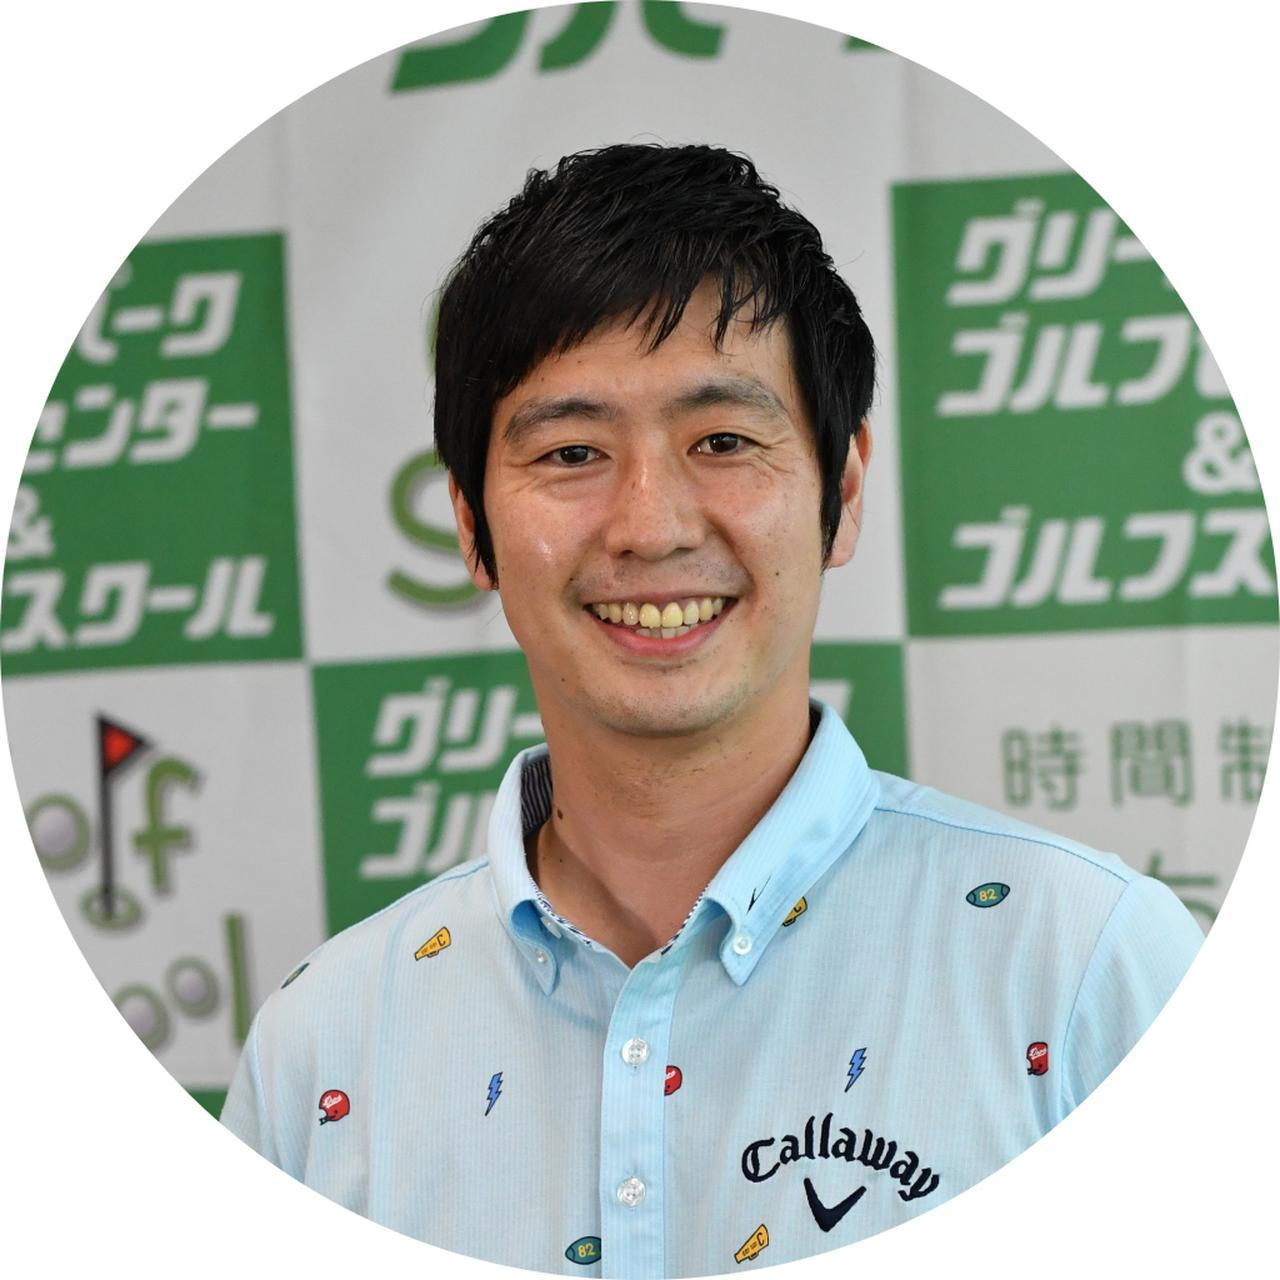 画像: 【教える人】上野雄太プロ 1984年生まれ。オーストラ リアのディオスポーツゴルフ アカデミーでAGTFを取得。グリーンパークゴルフセンターにてアマチュア のレッスンを行う